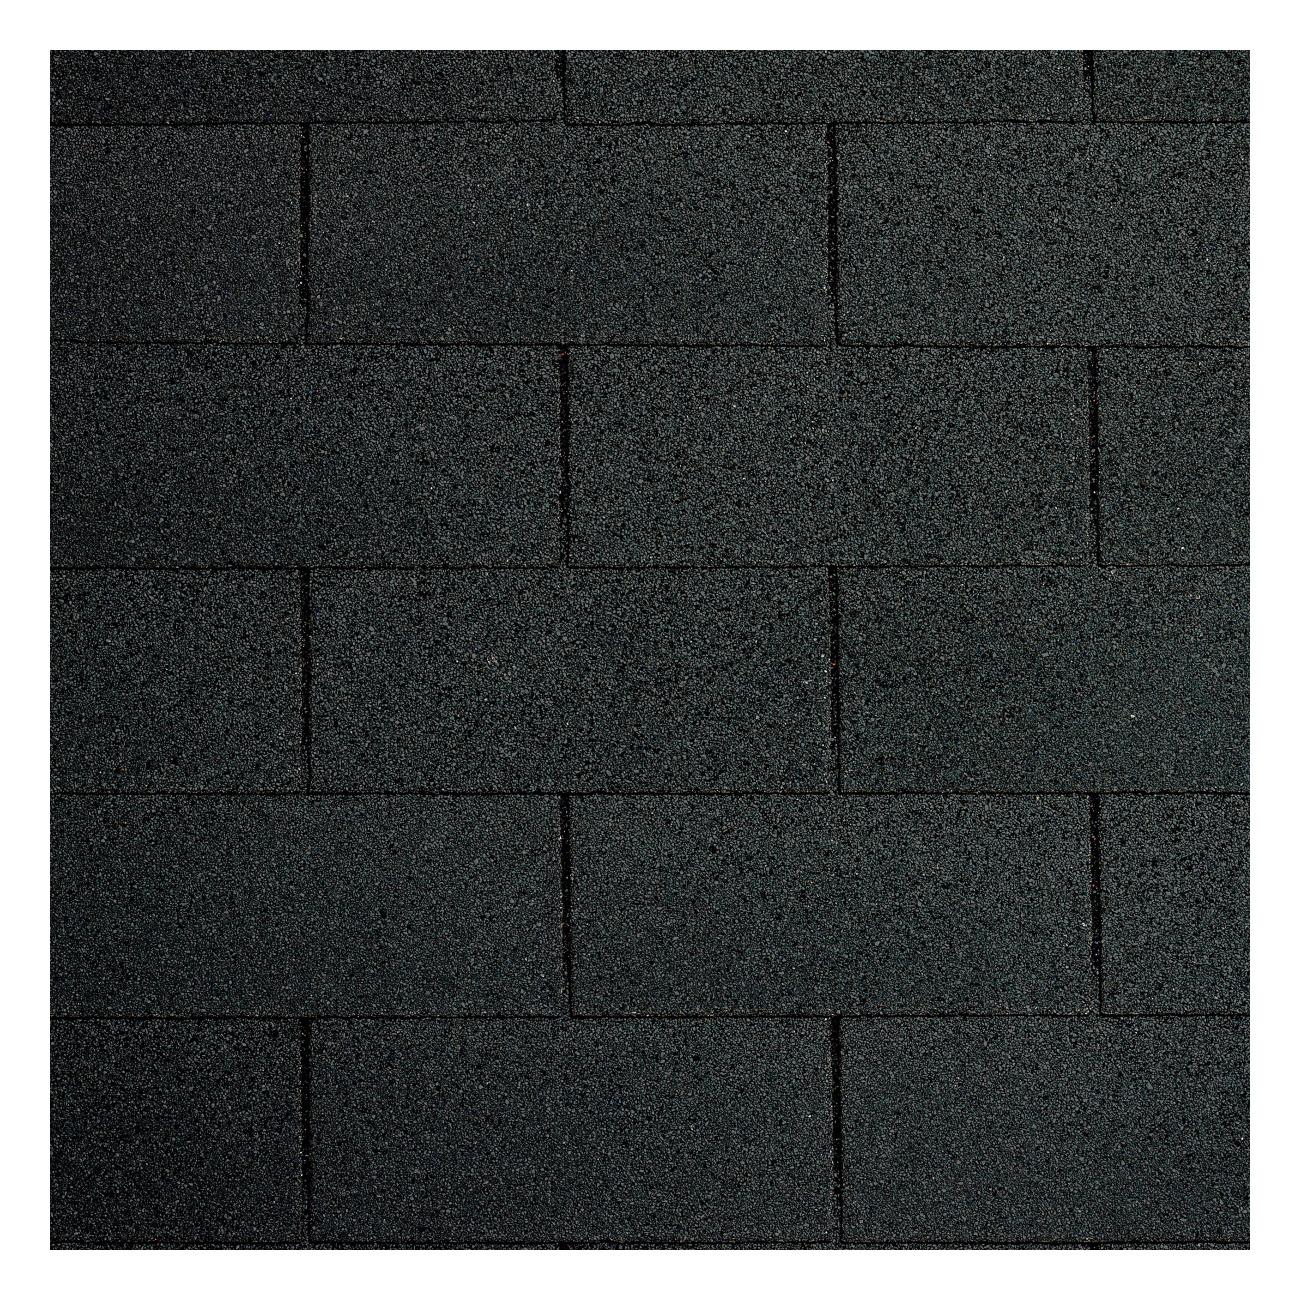 Shingles Zwart - 3 pakken voor 9m2 incl. nagels